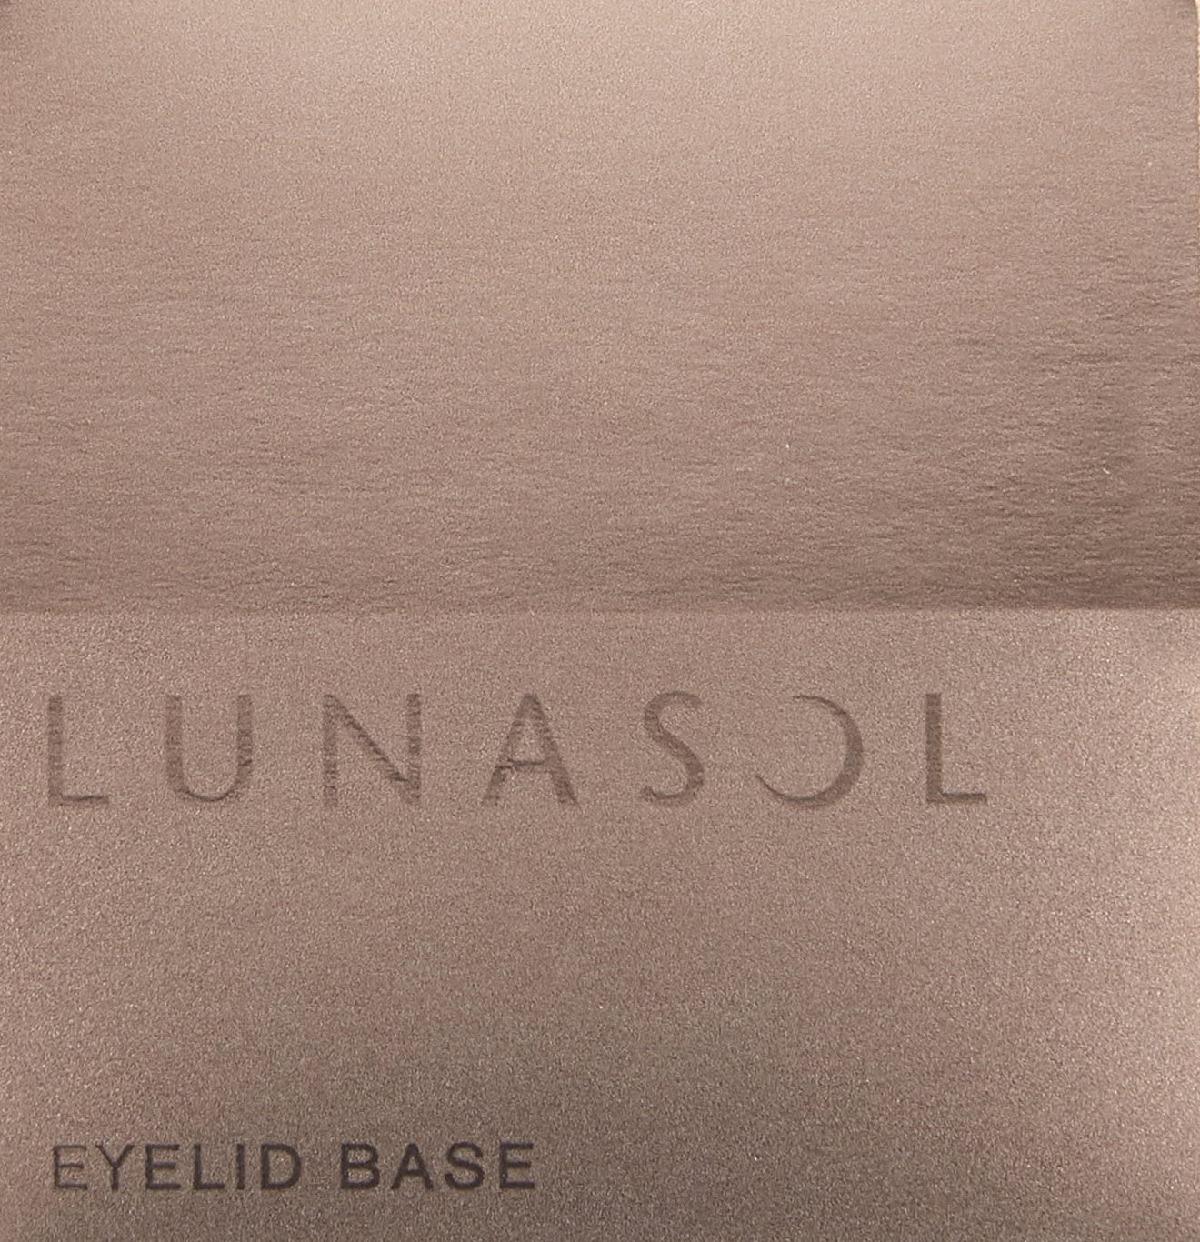 LUNASOL(ルナソル) アイリッドベース(N)の商品画像2